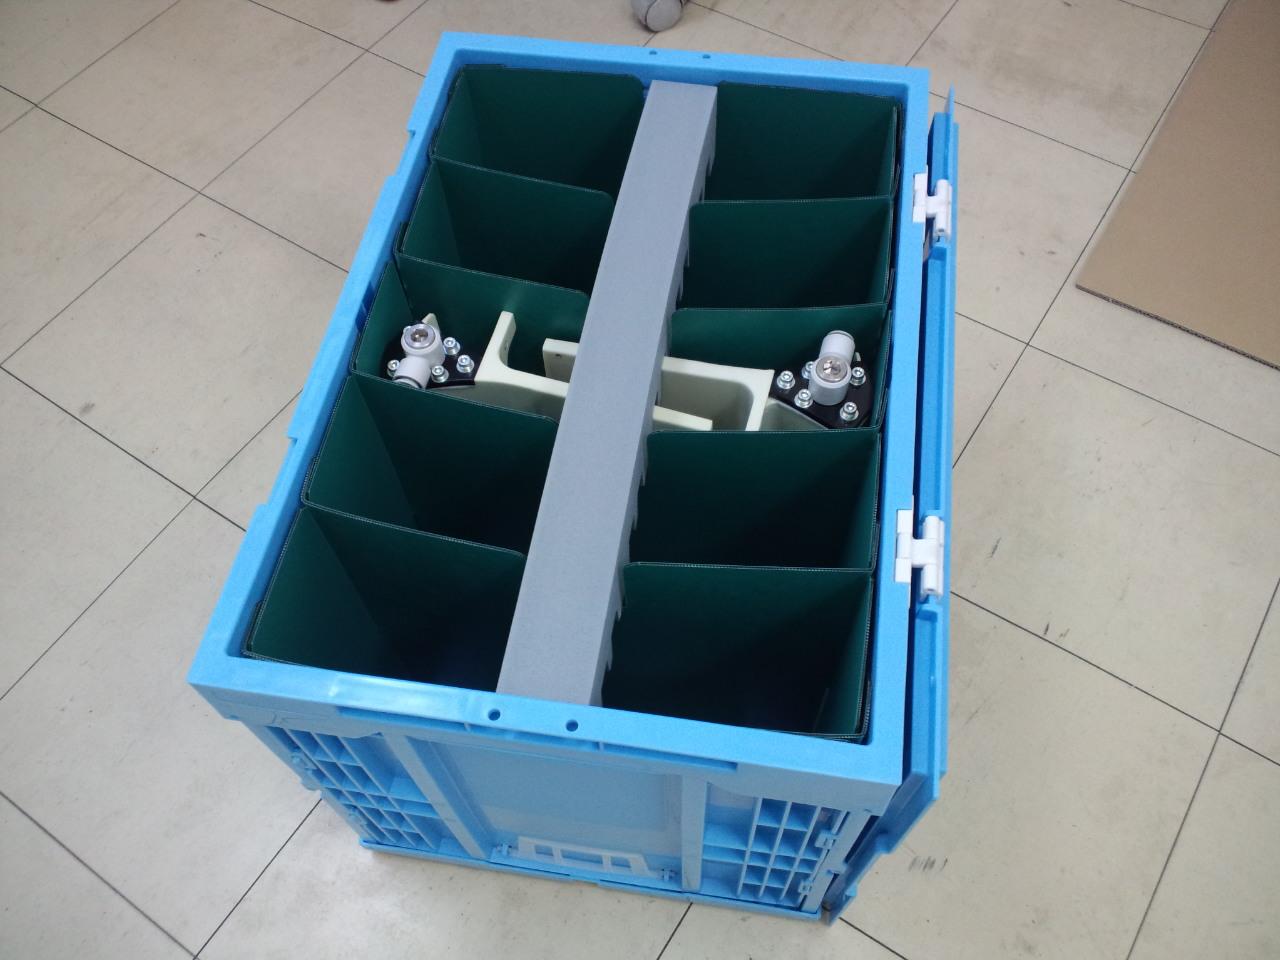 「ノズルエアホース用の通い箱 収納効率化・梱包改善提案事例」の画像